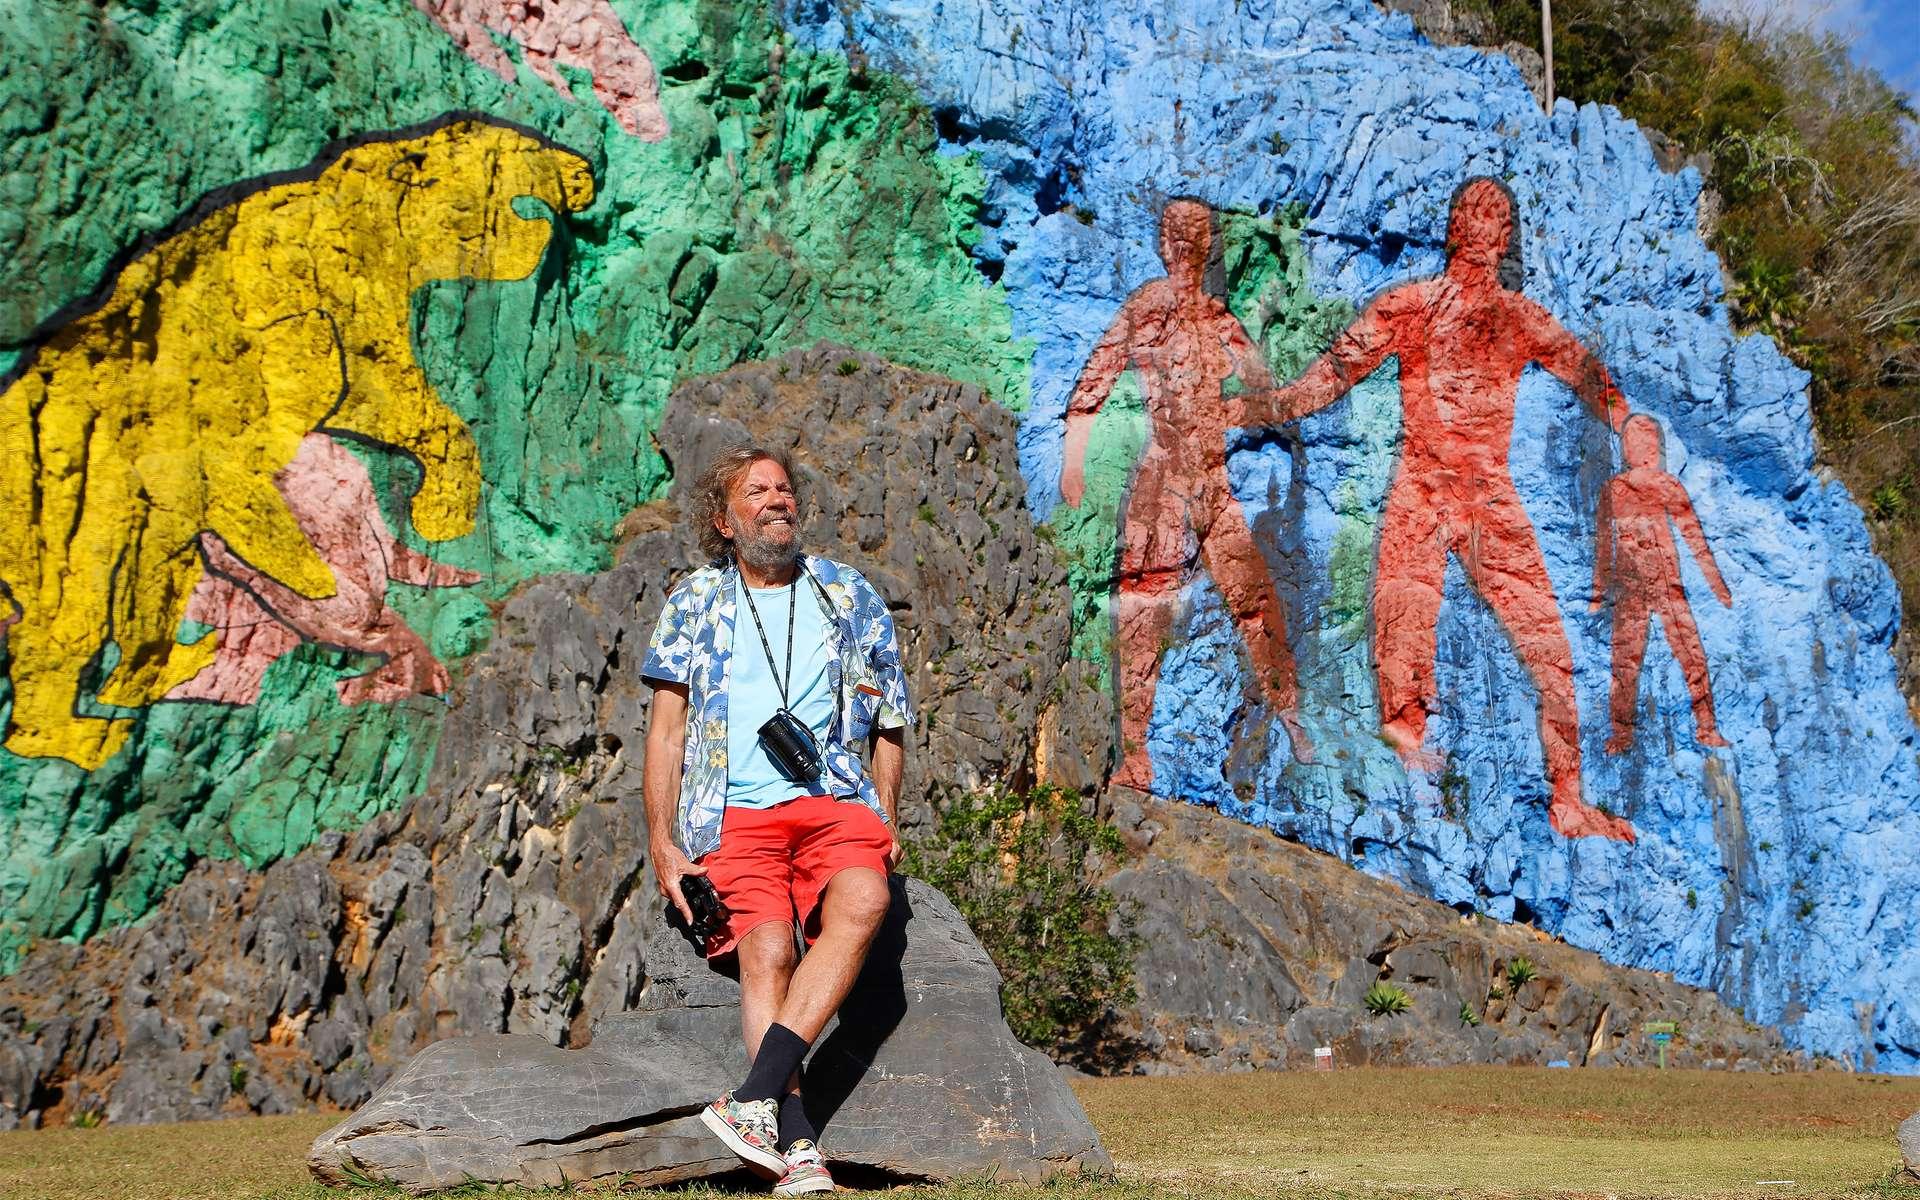 Antoine devant le « Mur de la Préhistoire », une œuvre géante qui rend hommage (tardivement) au peuple Taïno qui vivait sur l'île avant l'arrivée des colons espagnols et qui a été décimé. © Antoine